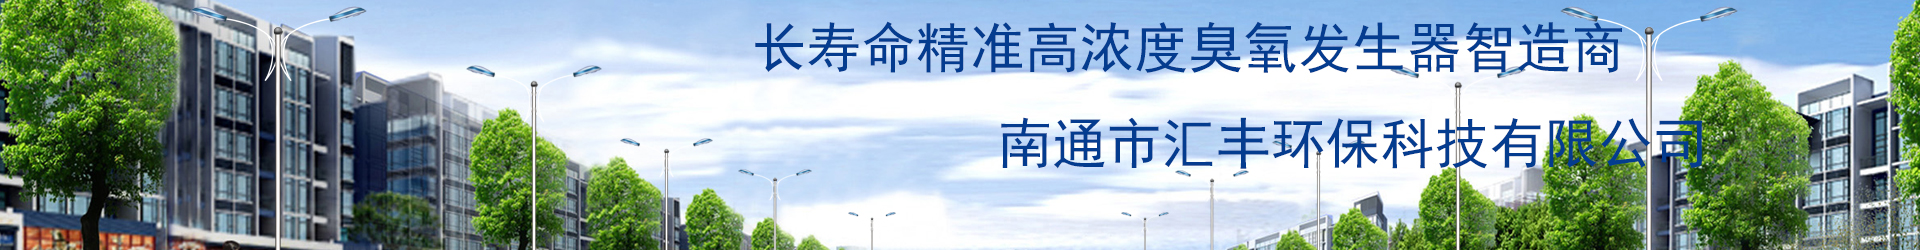 http://www.183hf.com/data/upload/202101/20210114142621_841.jpg